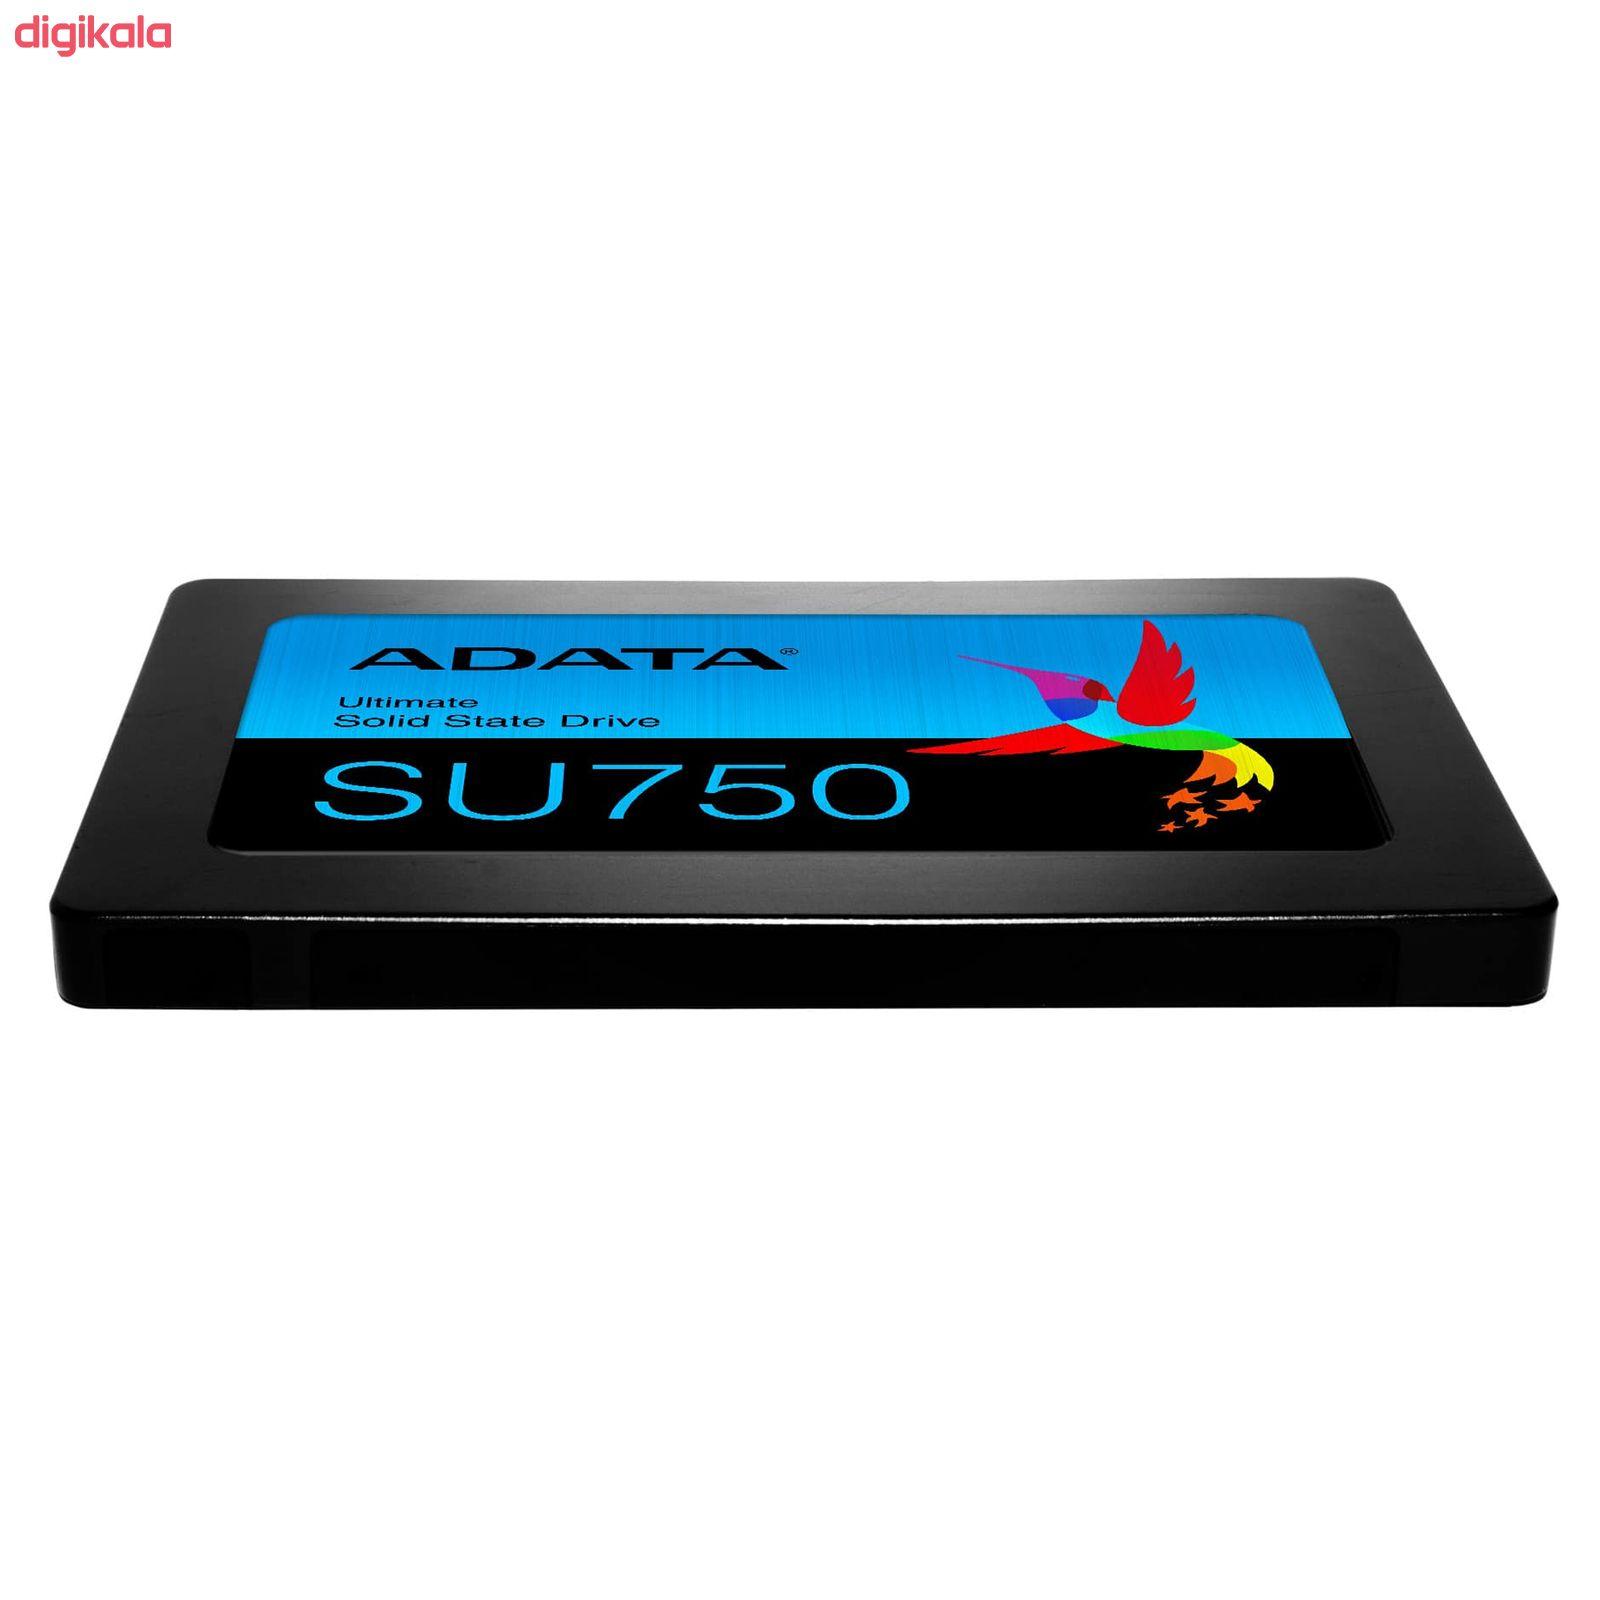 اس اس دی اینترنال ای دیتا مدل SU750 ظرفیت 256 گیگابایت main 1 4